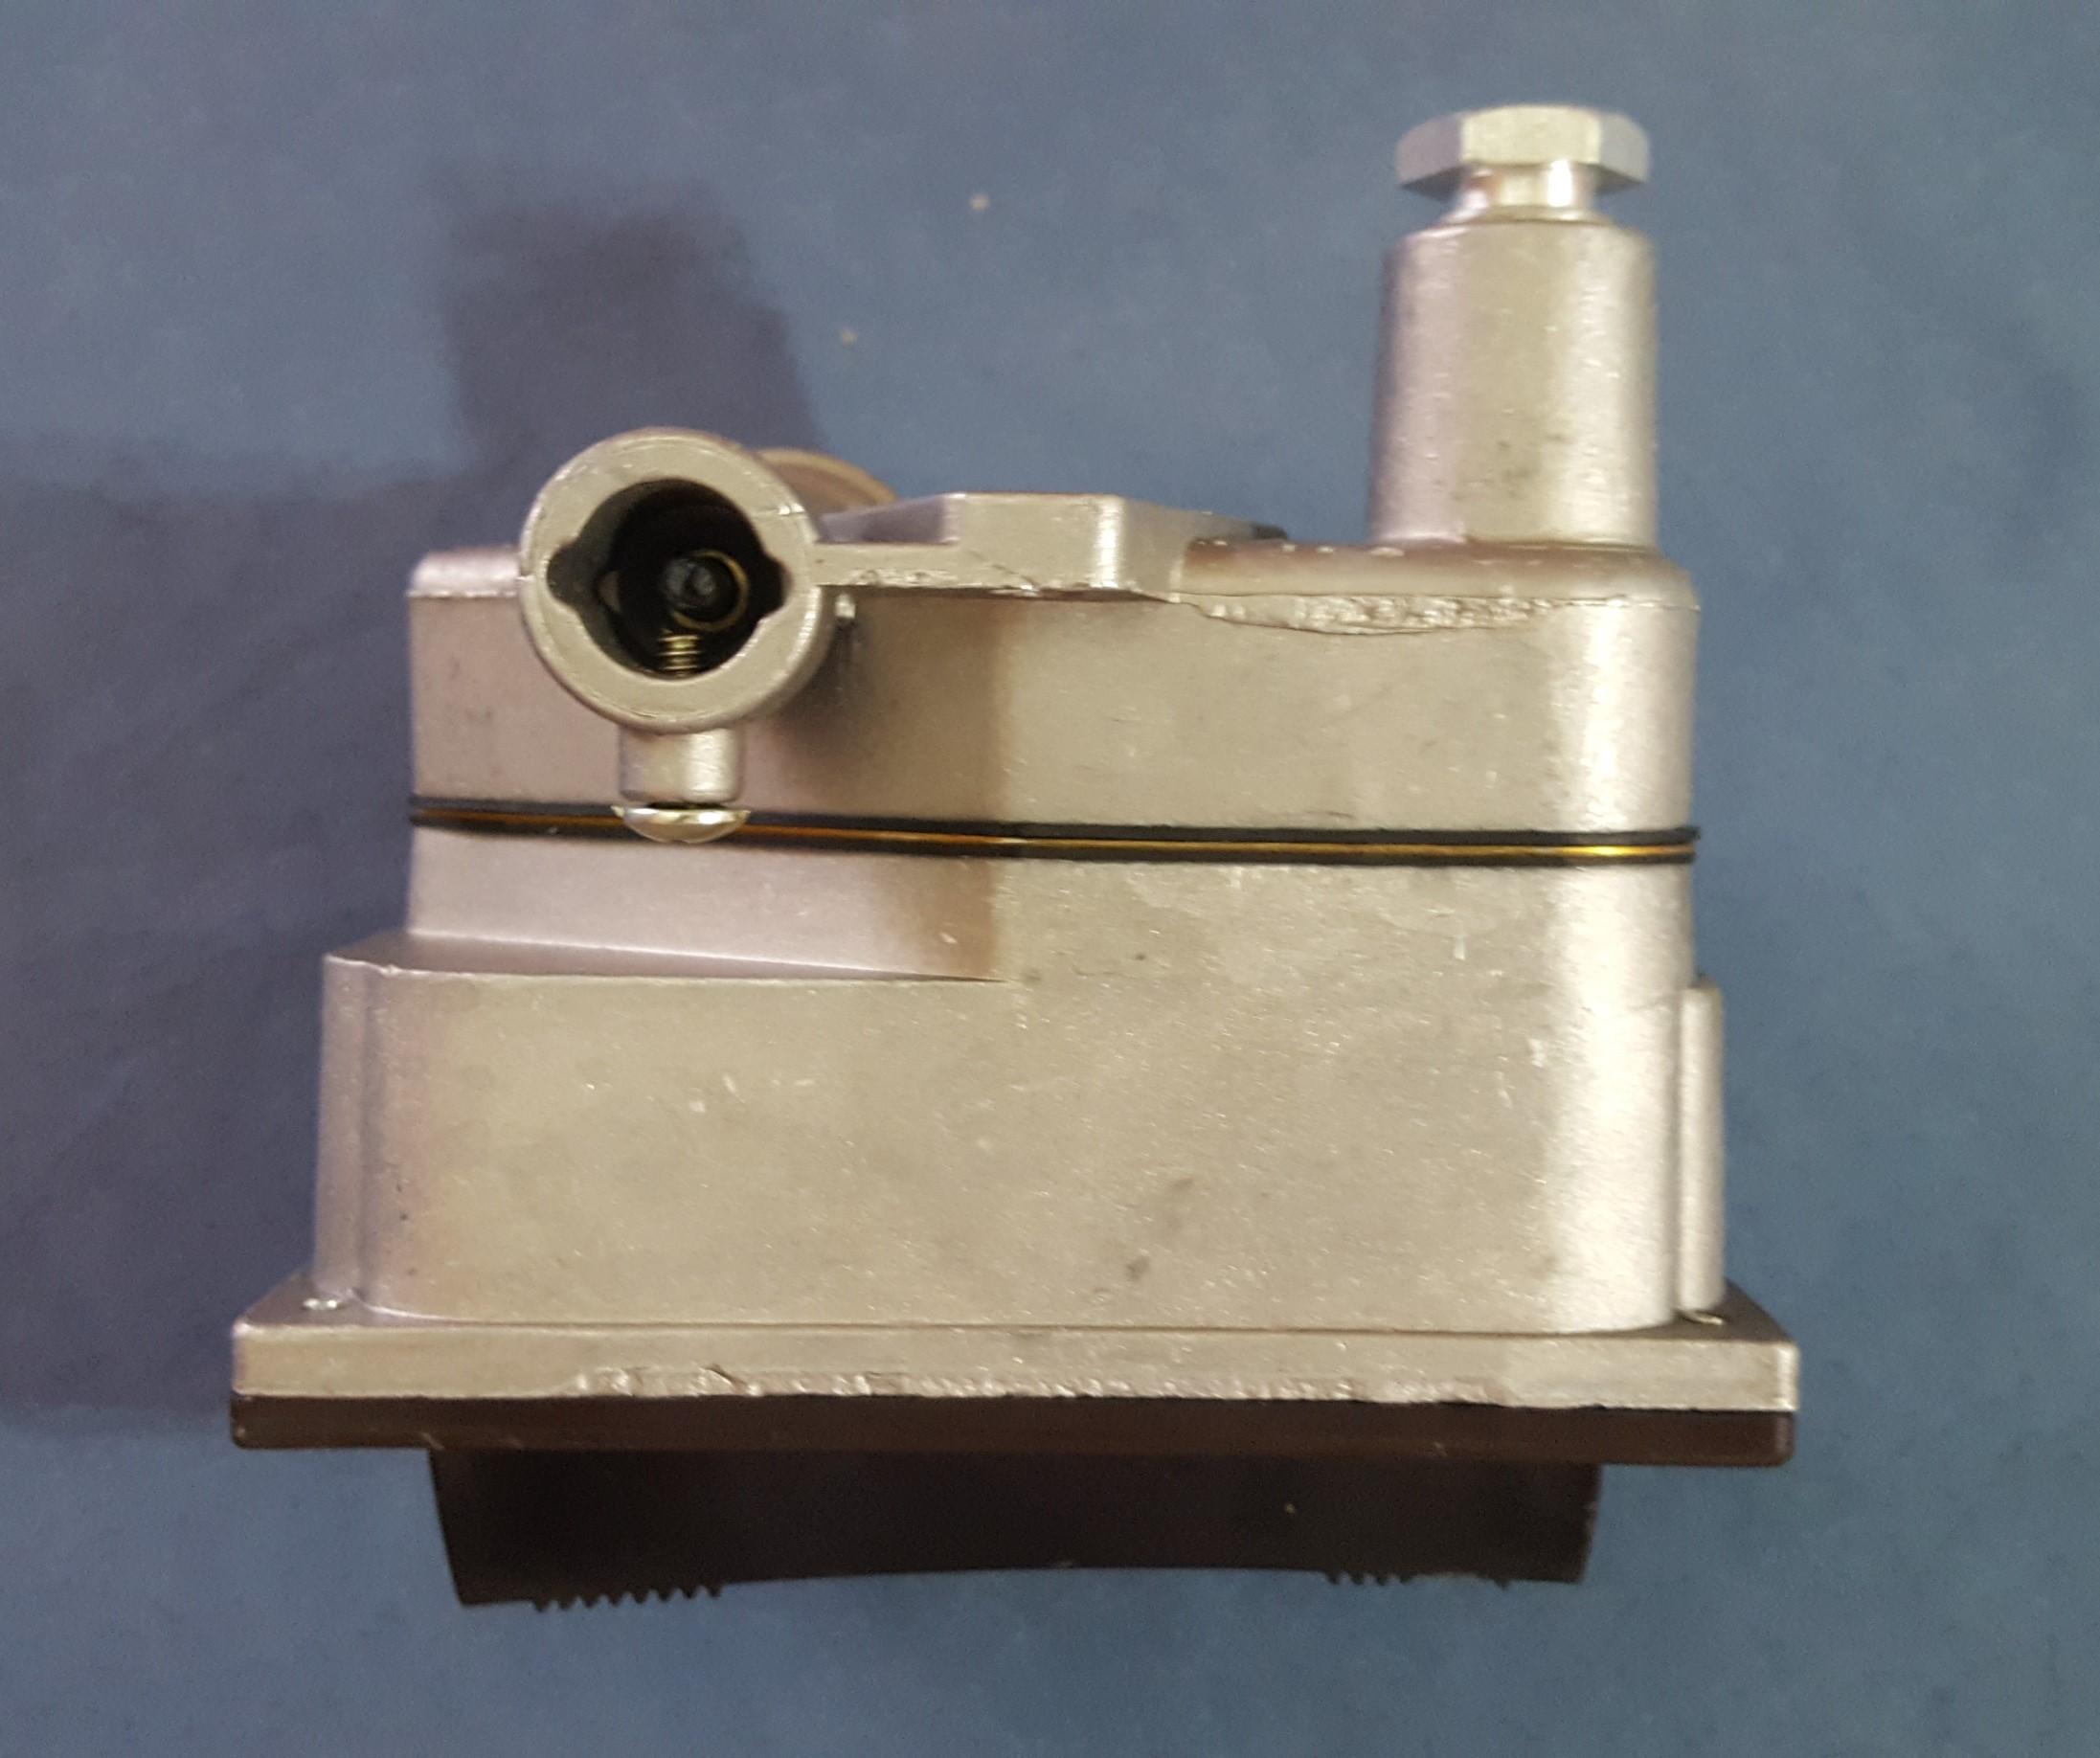 Valvula De Seguridad Para Calefon Orbis Botonera N 3